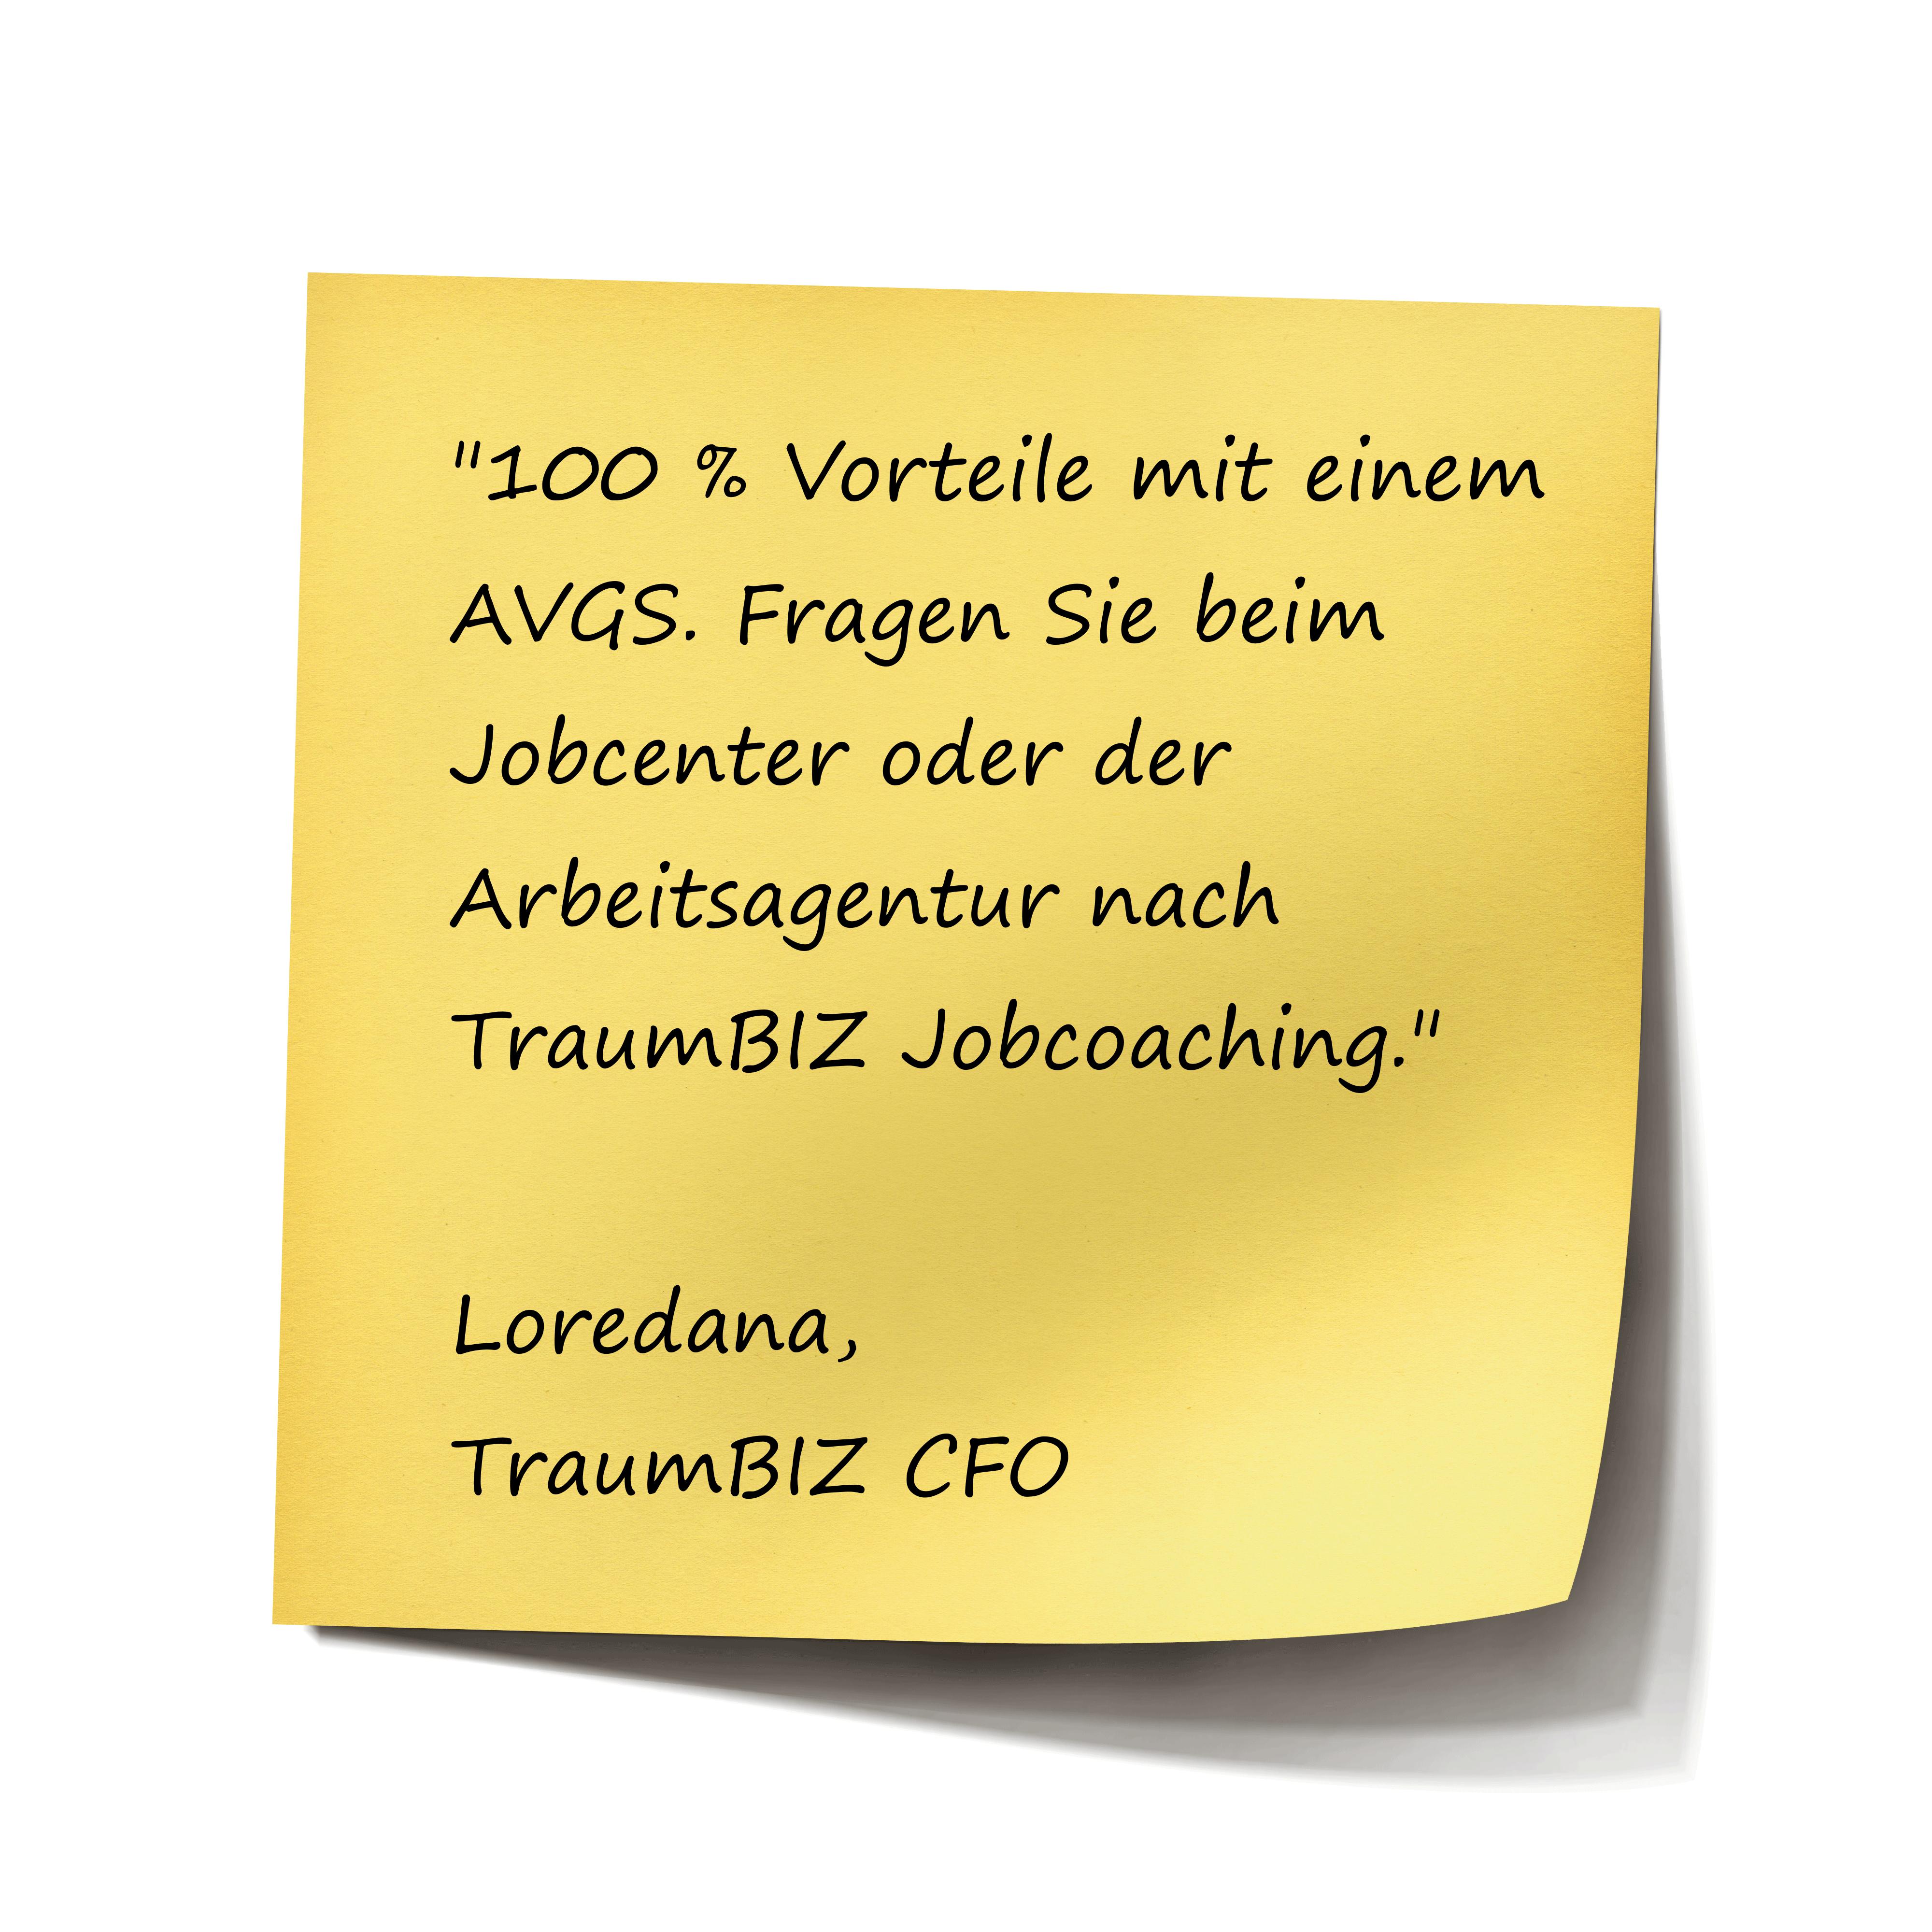 100 % Vorteile mit AVGS